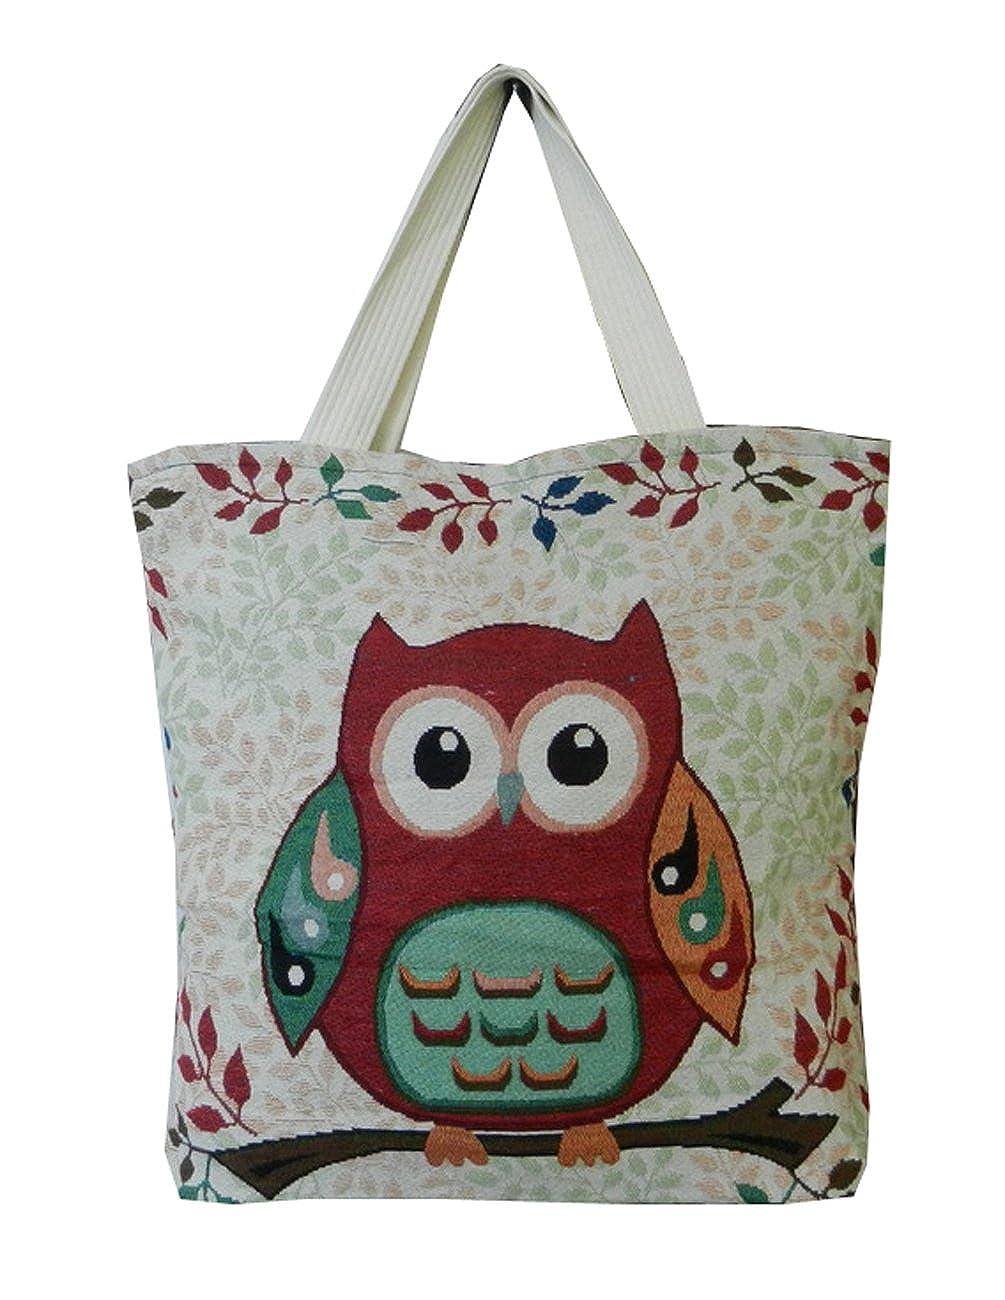 8ec8f97f85a BTP! Owl Designer Travel Tote Beach Bag Simplicity Handbag Canvas Cotton  Purse - More Design